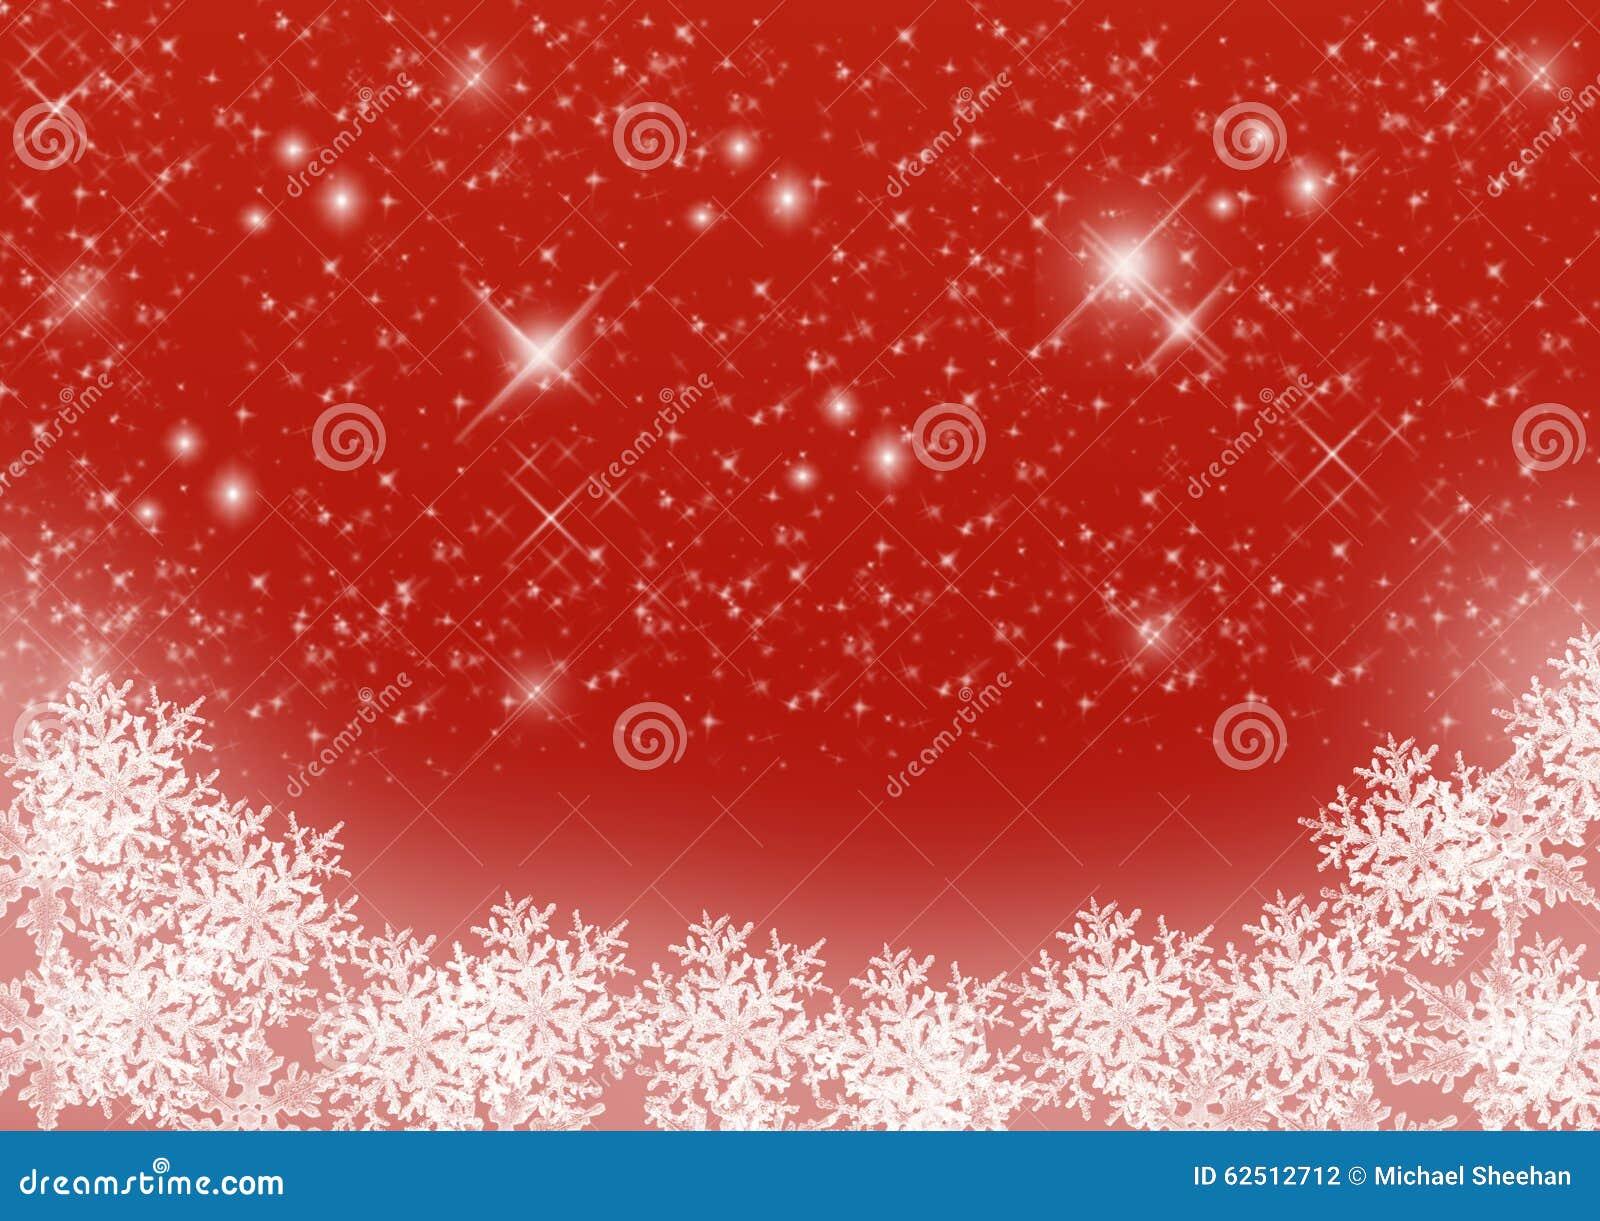 Fondo estrellado rojo de la Navidad con los copos de nieve